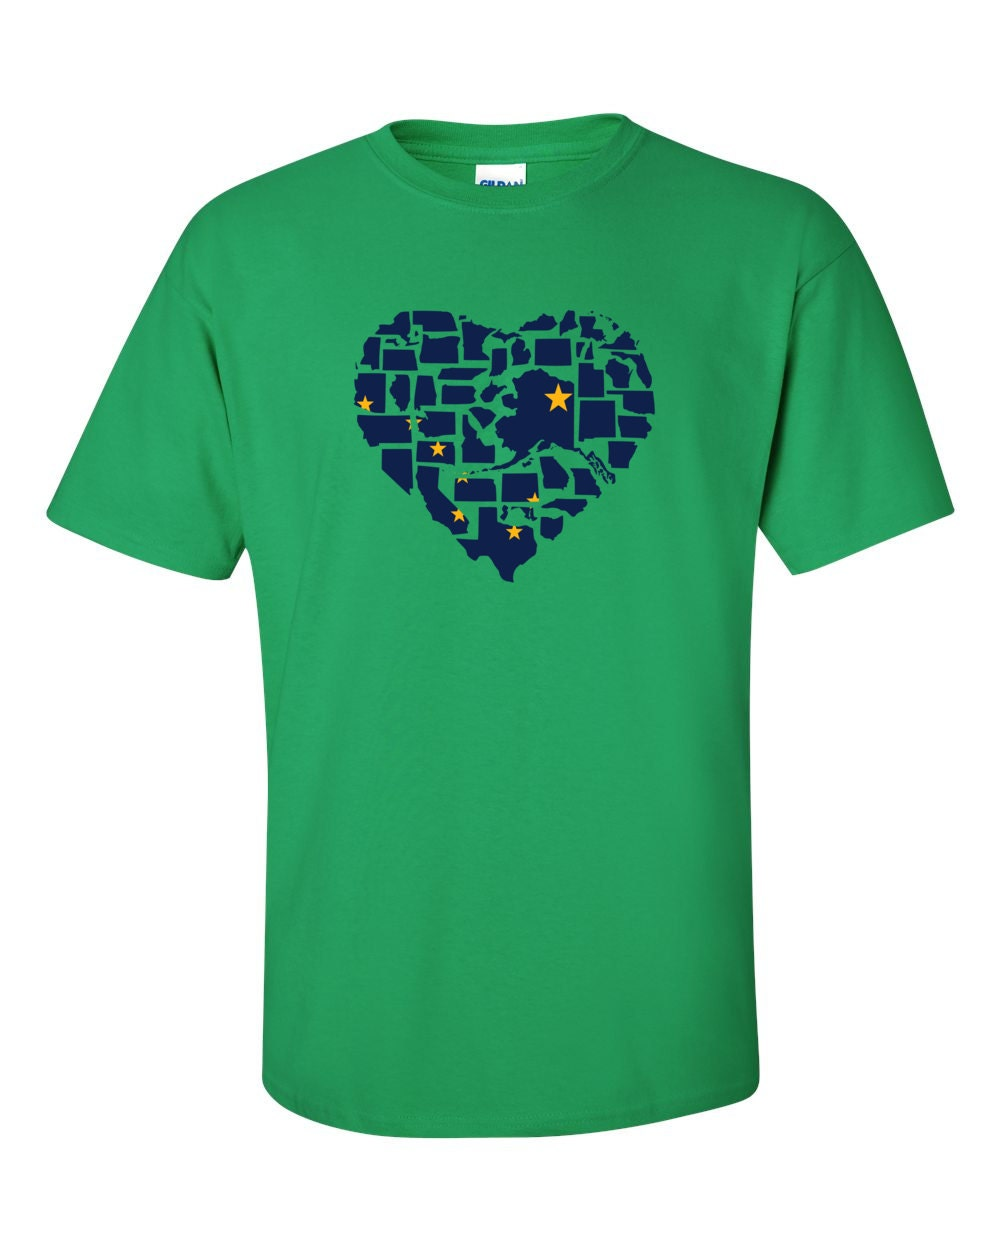 Alaska T-shirt - No Matter Where I Am, Alaska Is Alway In My Heart - My State Alaska T-shirt